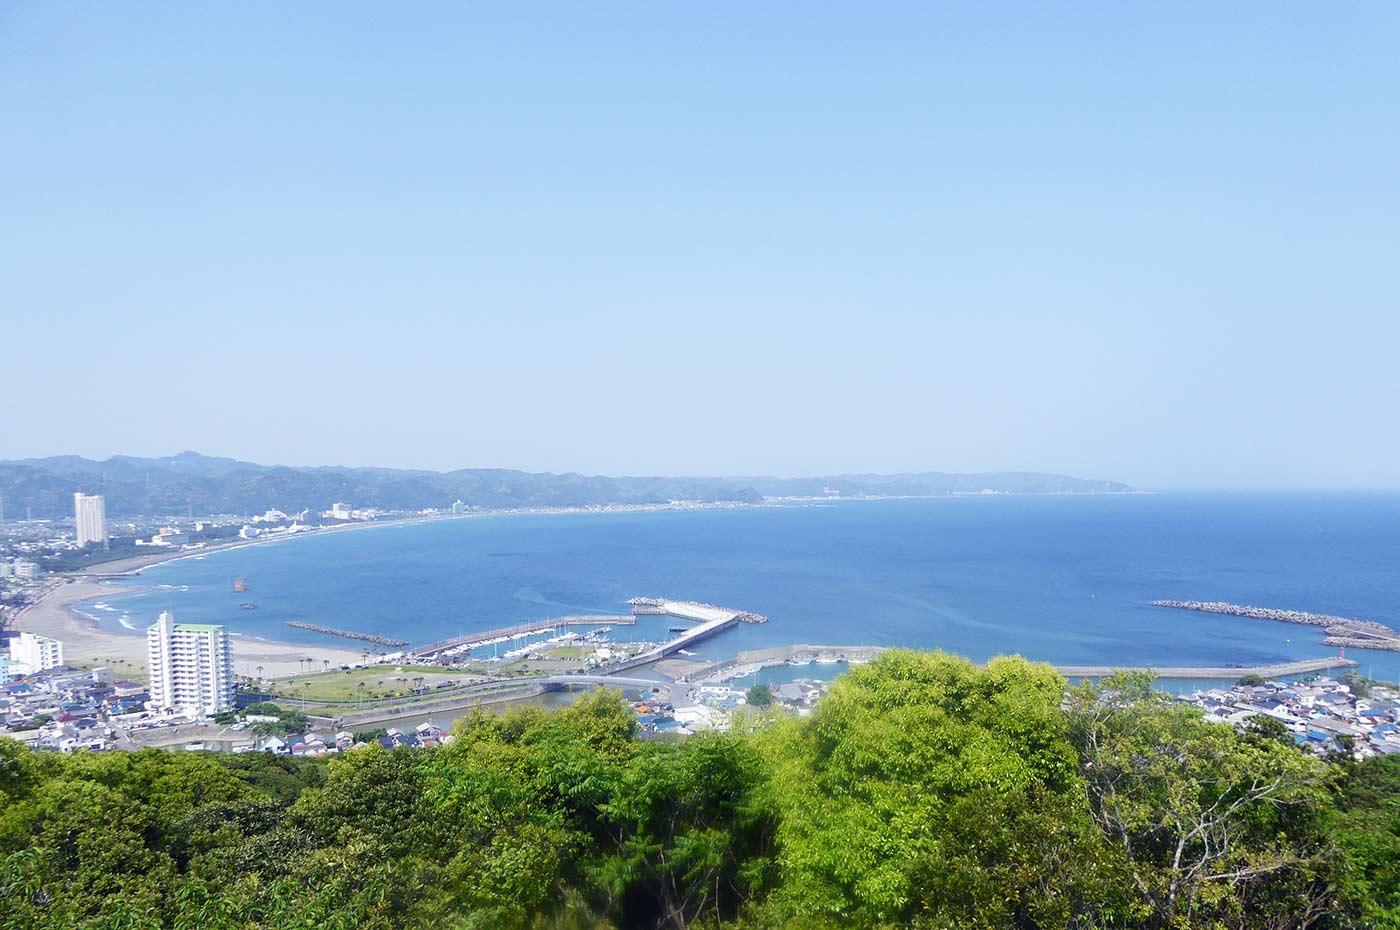 魚見塚展望台から鴨川漁港